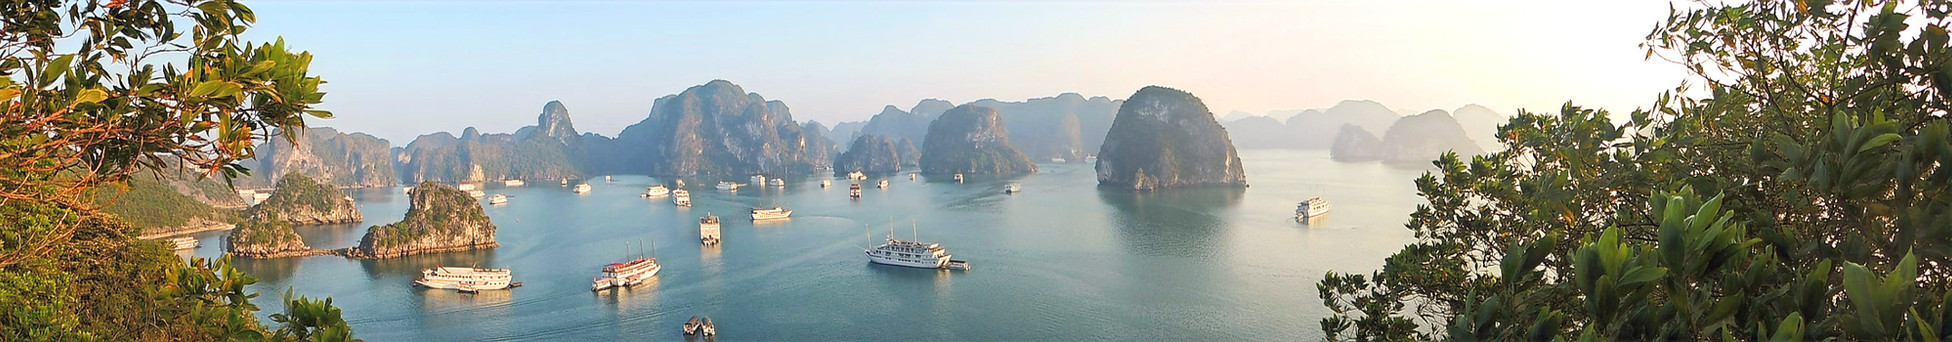 Baie d'Halong-Vietnam